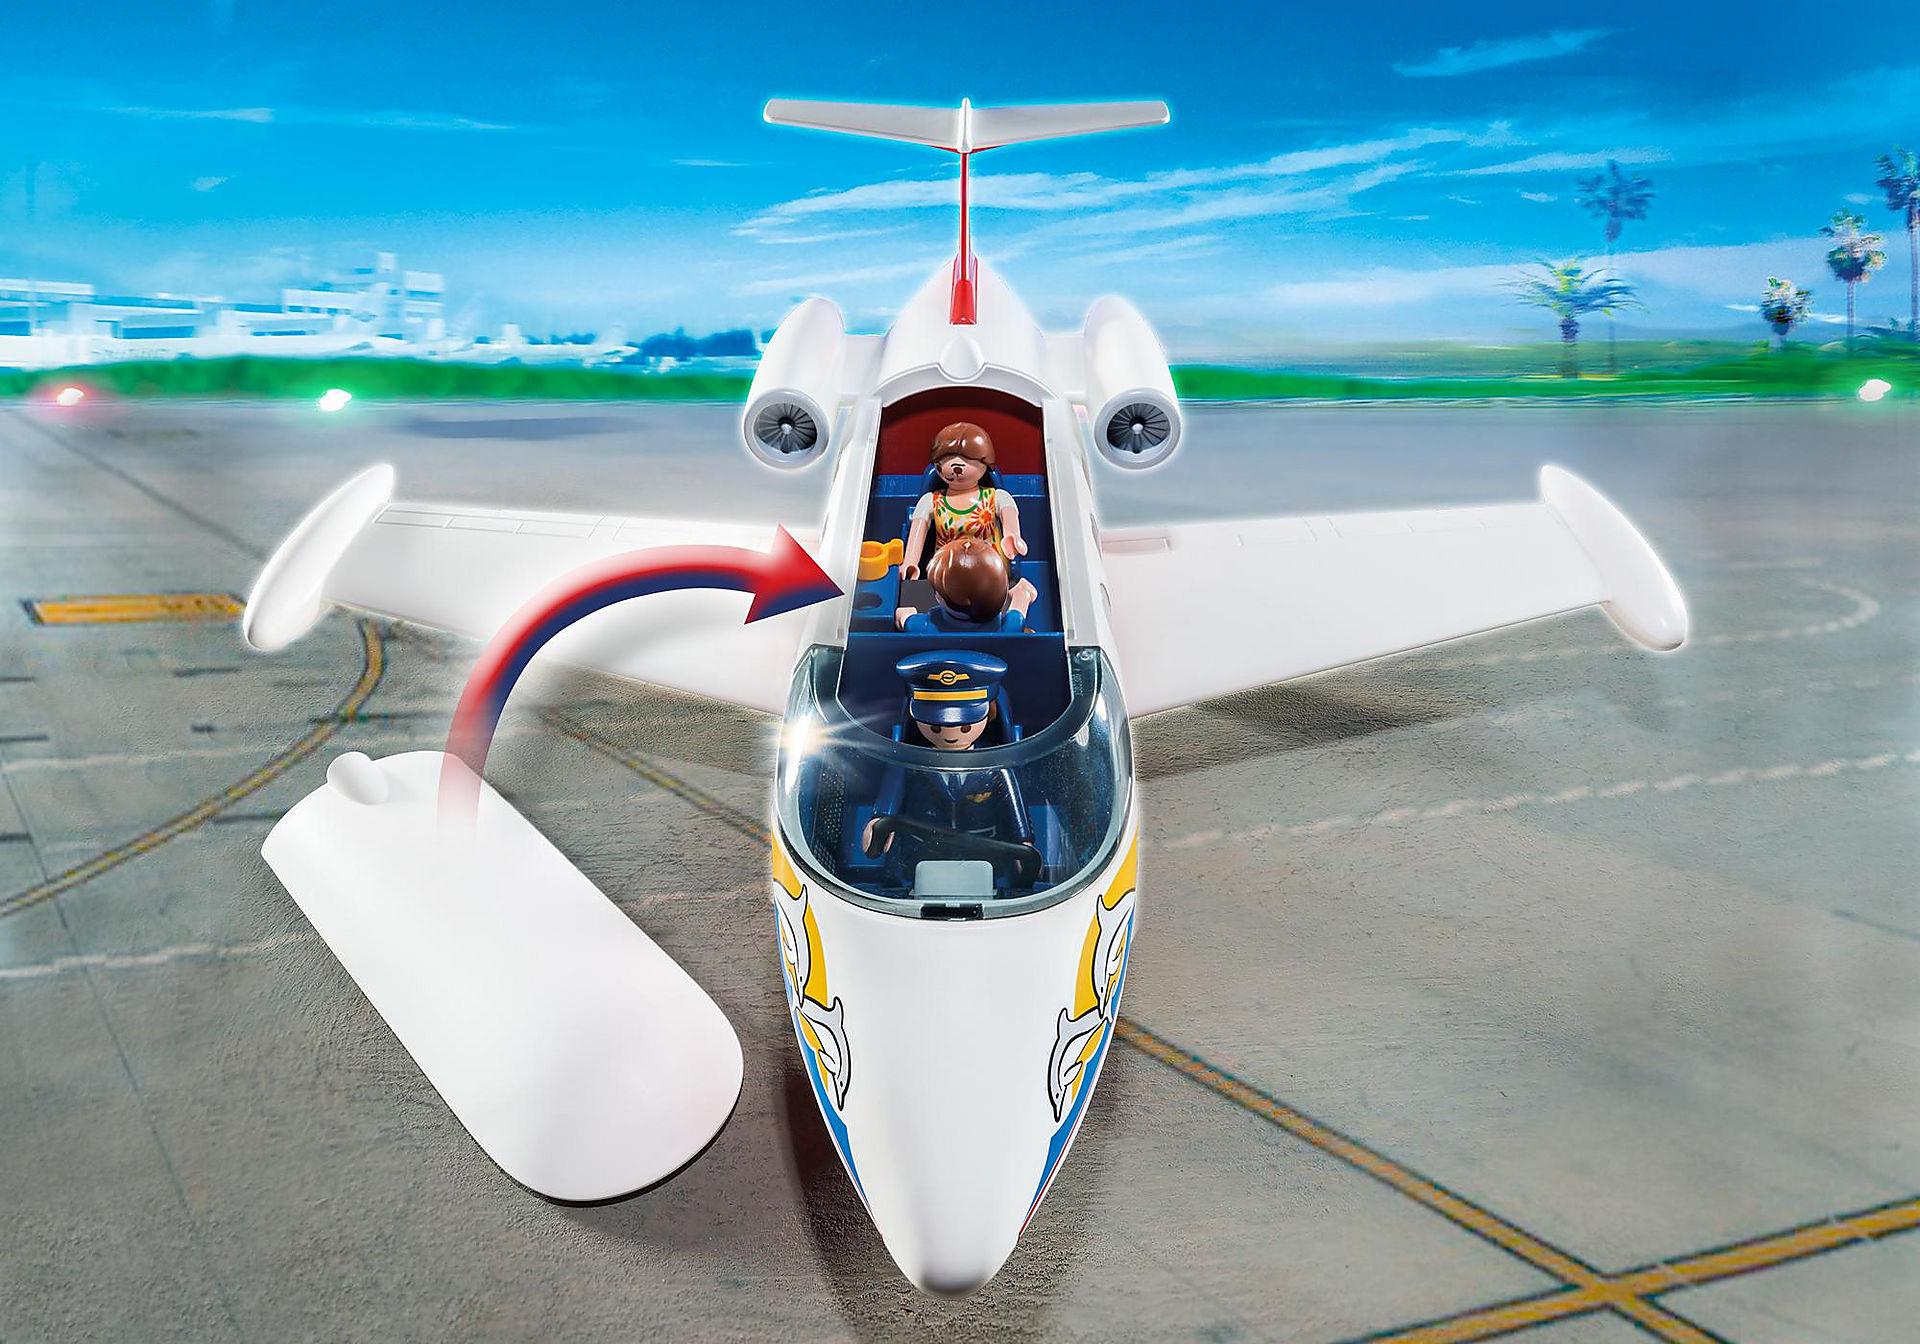 http://media.playmobil.com/i/playmobil/6081_product_extra1/Flygplan med pilot och turister